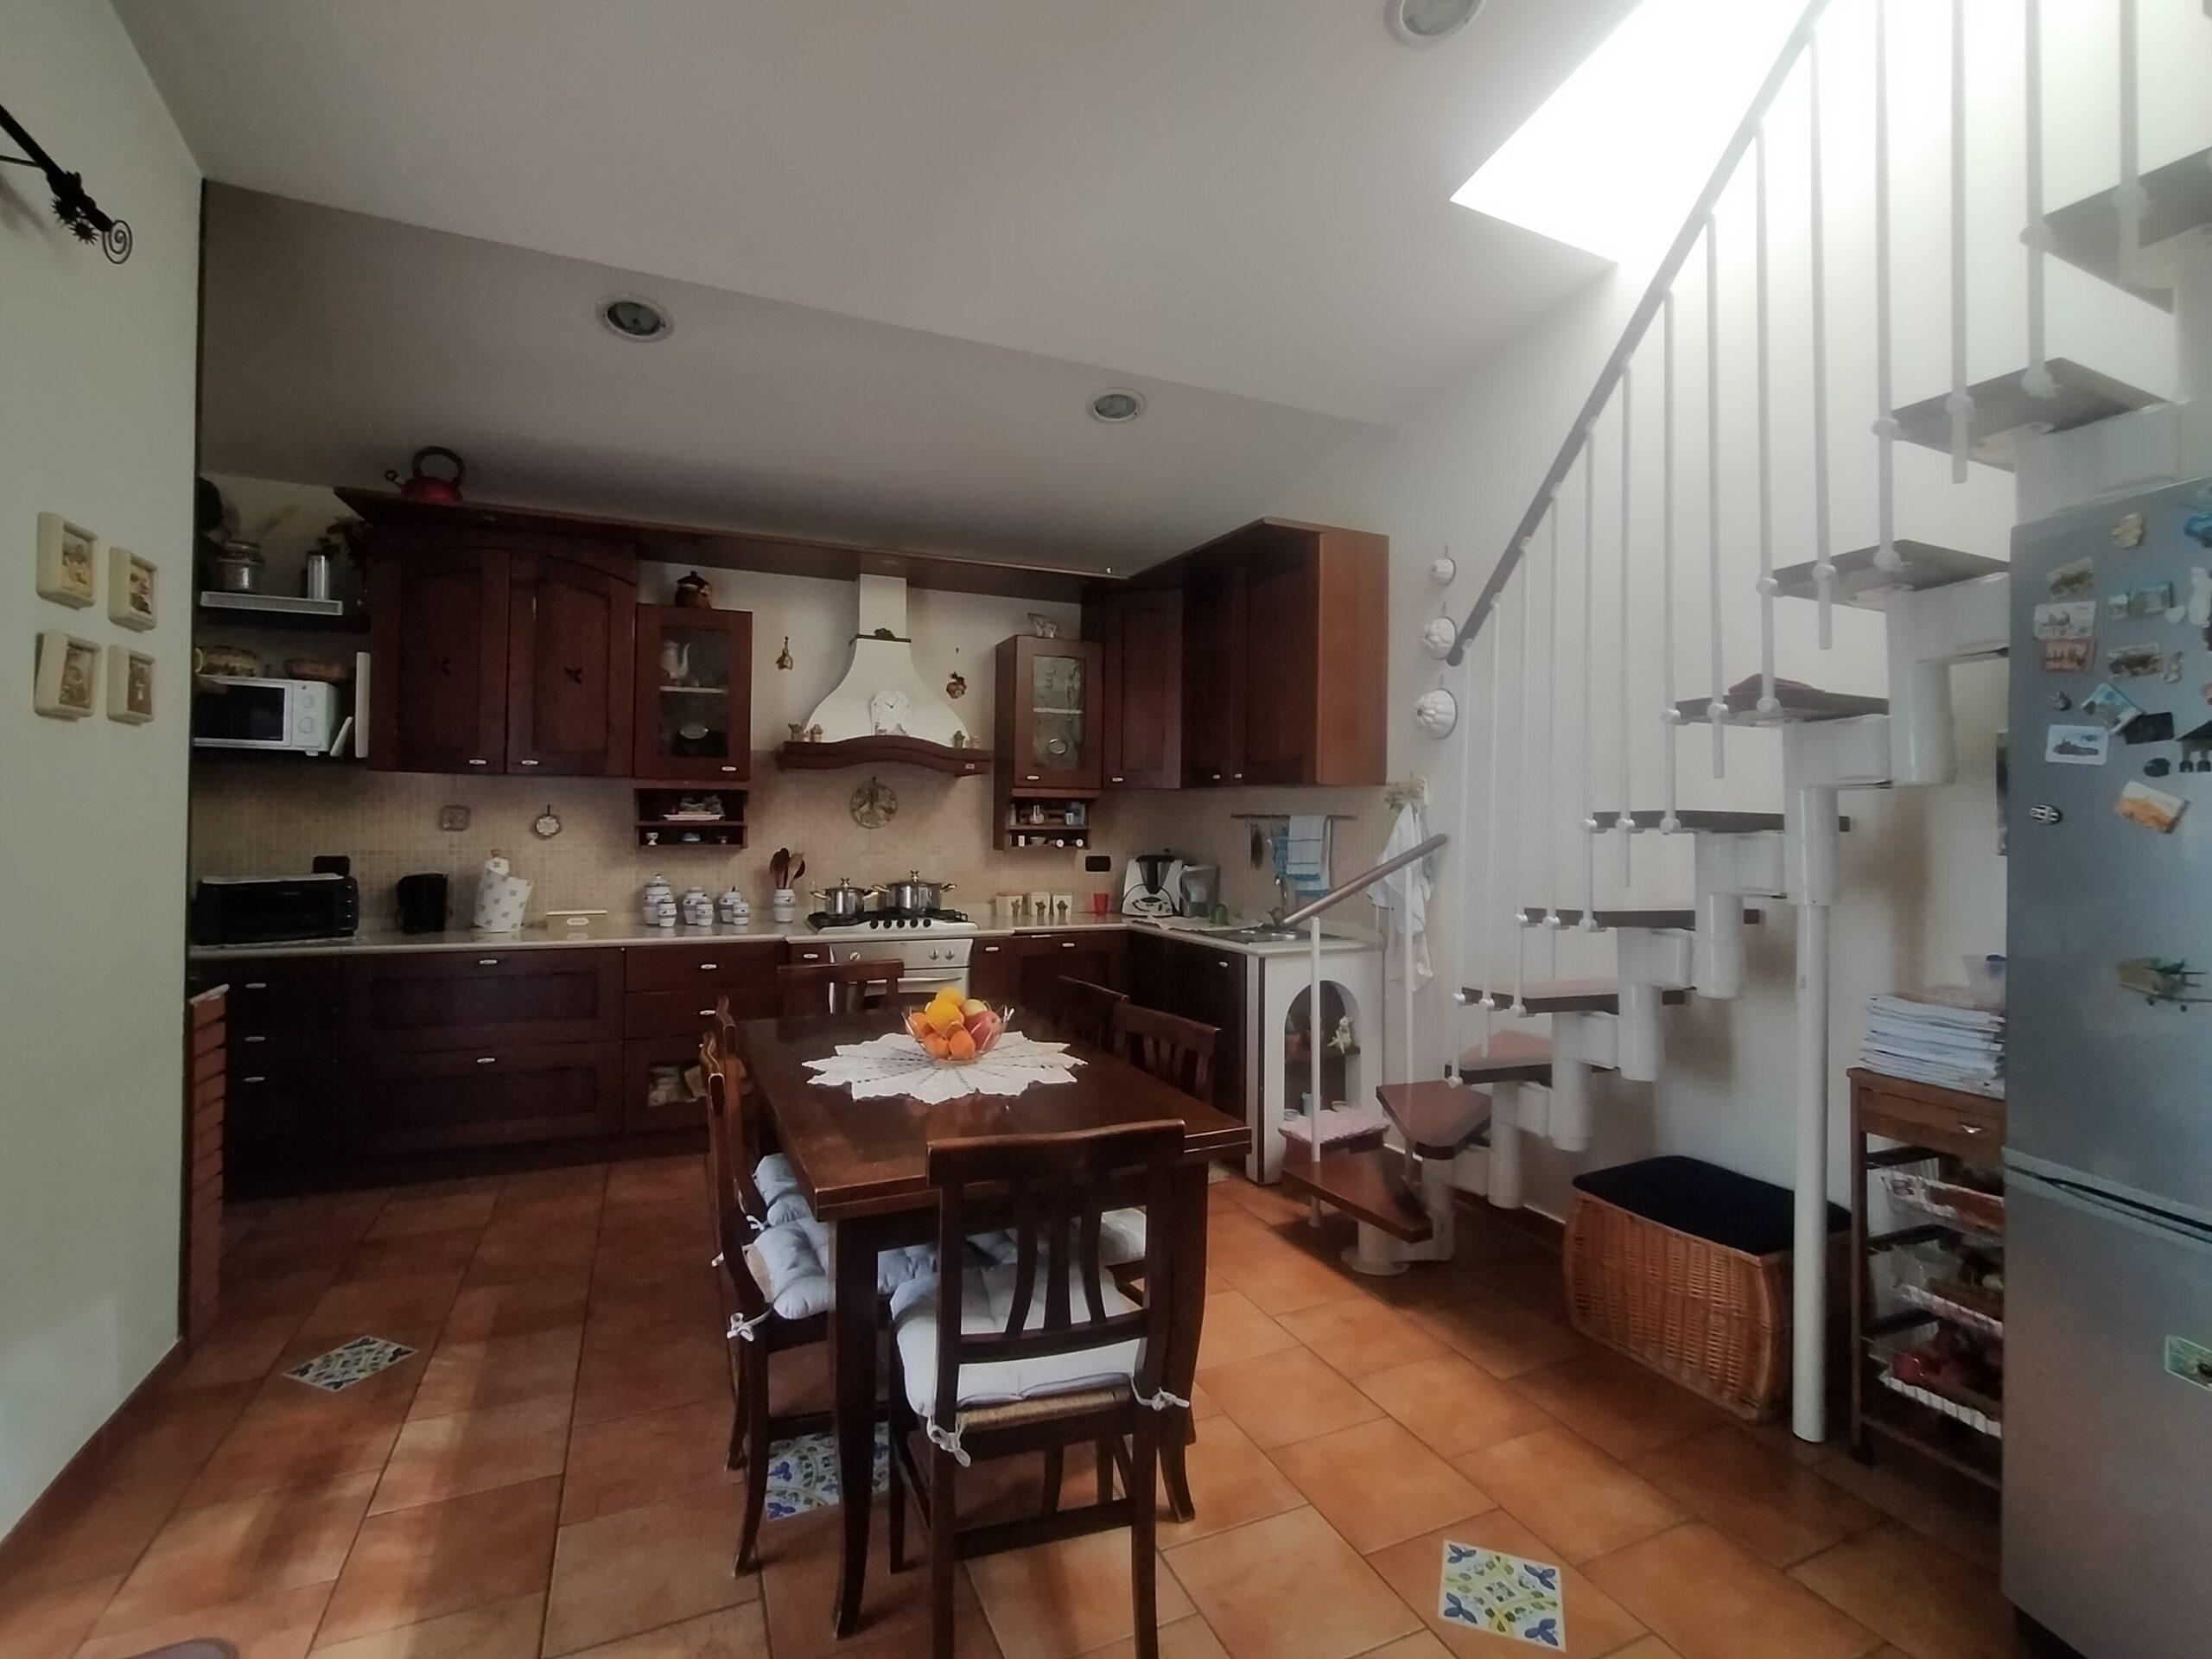 Biancavilla, Centralissima Casa Singola Ristrutturata.